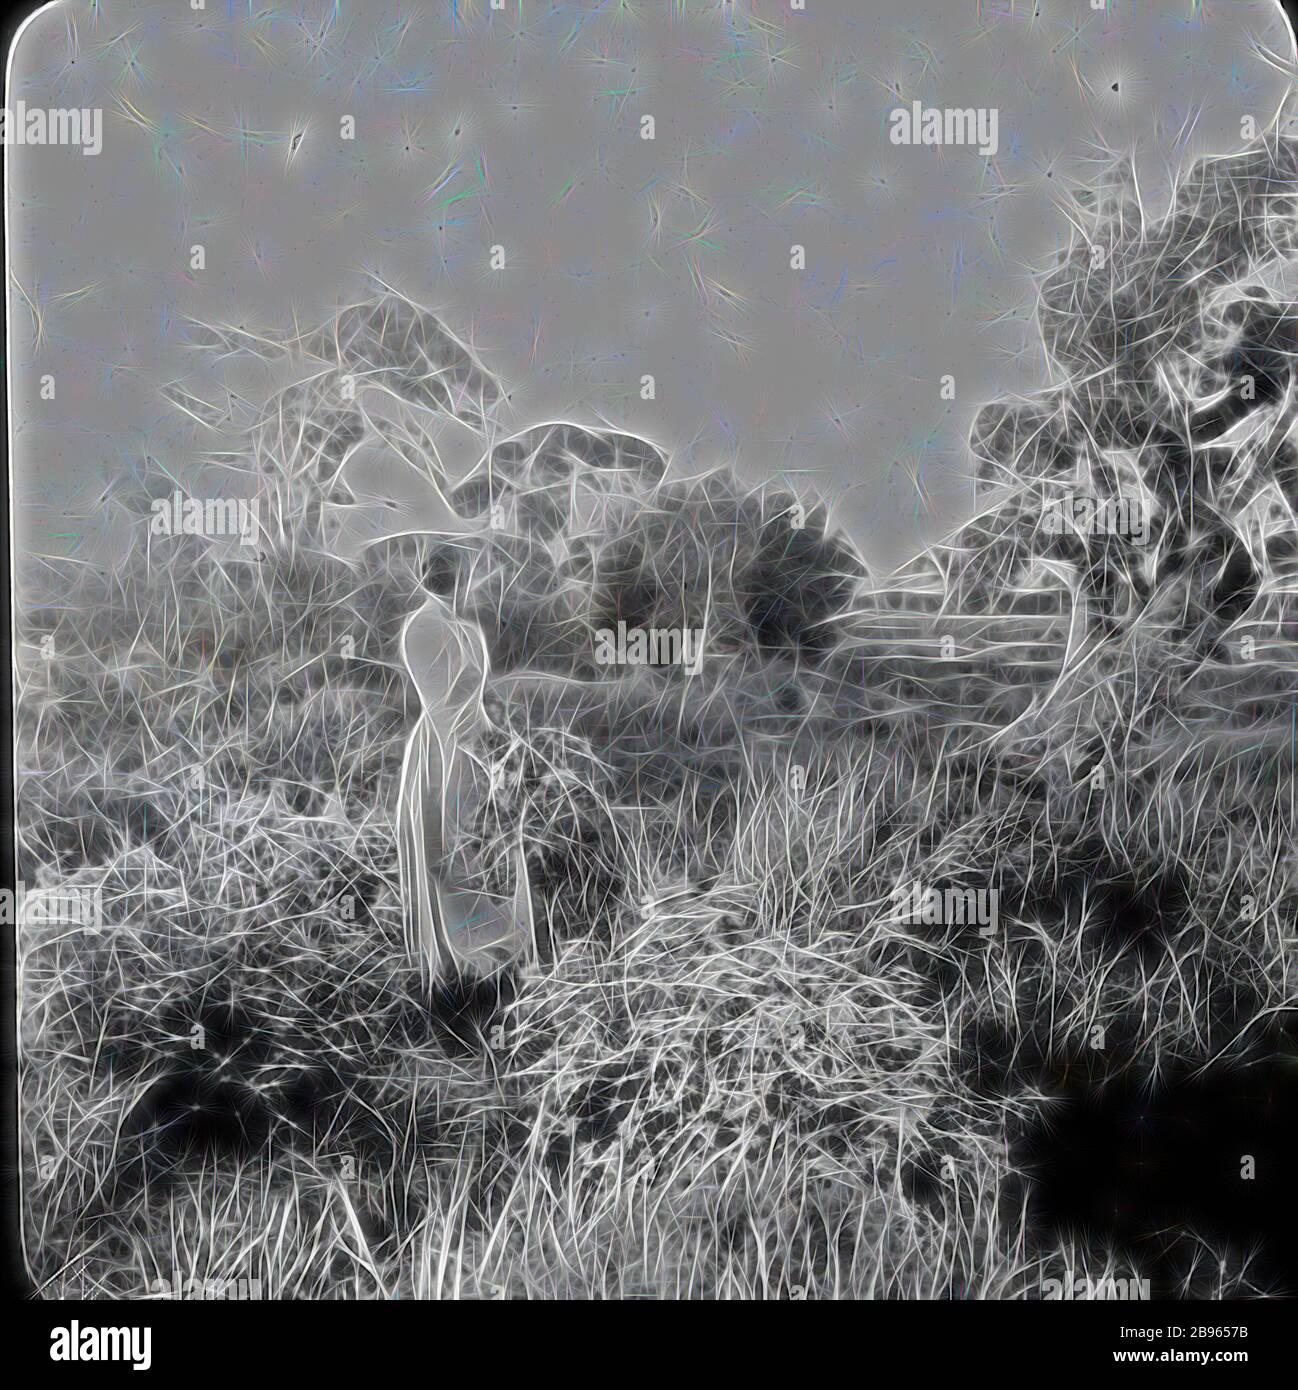 Laternenrutsche - Lady in Field Picking Wild Flowers, Aspendale, Victoria, um 1900, Schwarz-Weiß-Glas Laternenrutsche von Lady in einem Feld Kommissionierung Wildblumen, vermutet Elizabeth Campbell, Ehefrau des Fotografen A.J. Campbell. Dies ist eine der großen Bildersammlungen von A.J Campbell, die im A.J. gehalten wurden Campbell Collection by Museum Victoria., neu gestaltet von Gibon, Design von warmen fröhlich glühen von Helligkeit und Lichtstrahlen Ausstrahlung. Klassische Kunst neu erfunden mit einem modernen Twist. Fotografie inspiriert von Futurismus, umarmt dynamische Energie der modernen Technologie, Bewegung, Geschwindigkeit und revolut Stockfoto